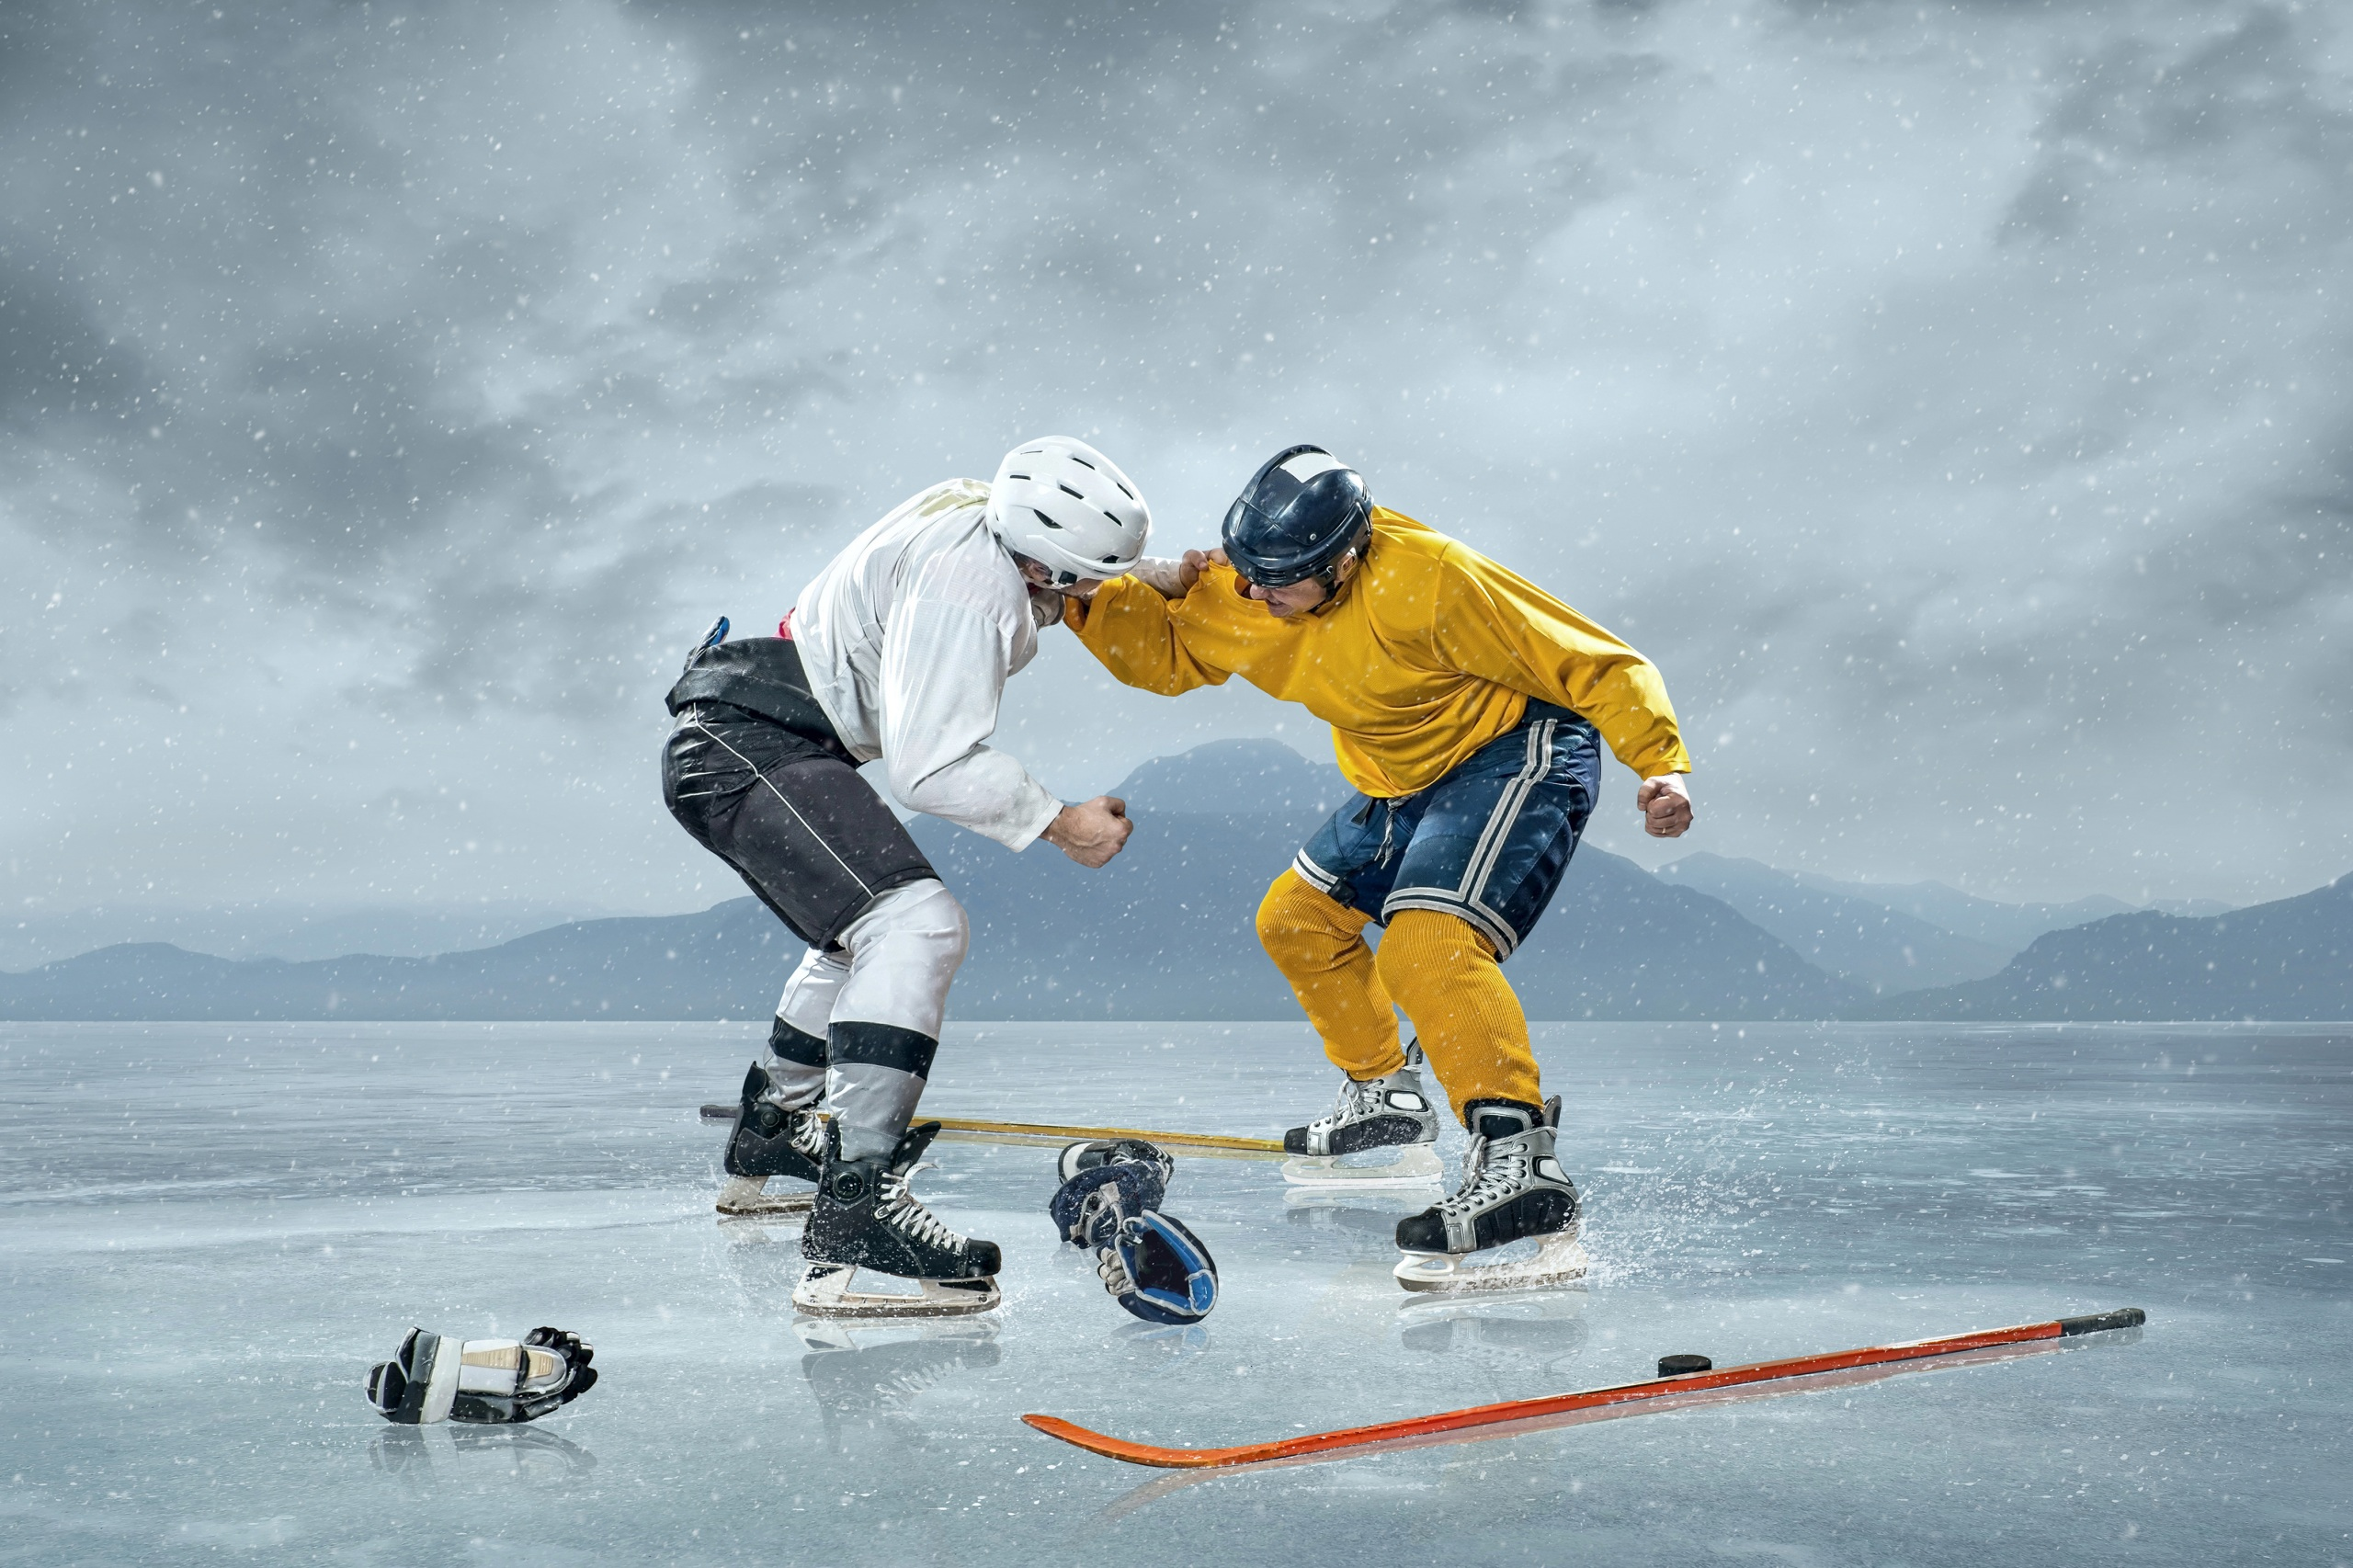 Bilder Helm Mann Eis Zwei Sport Schlägerei Hockey Uniform 2560x1706 2